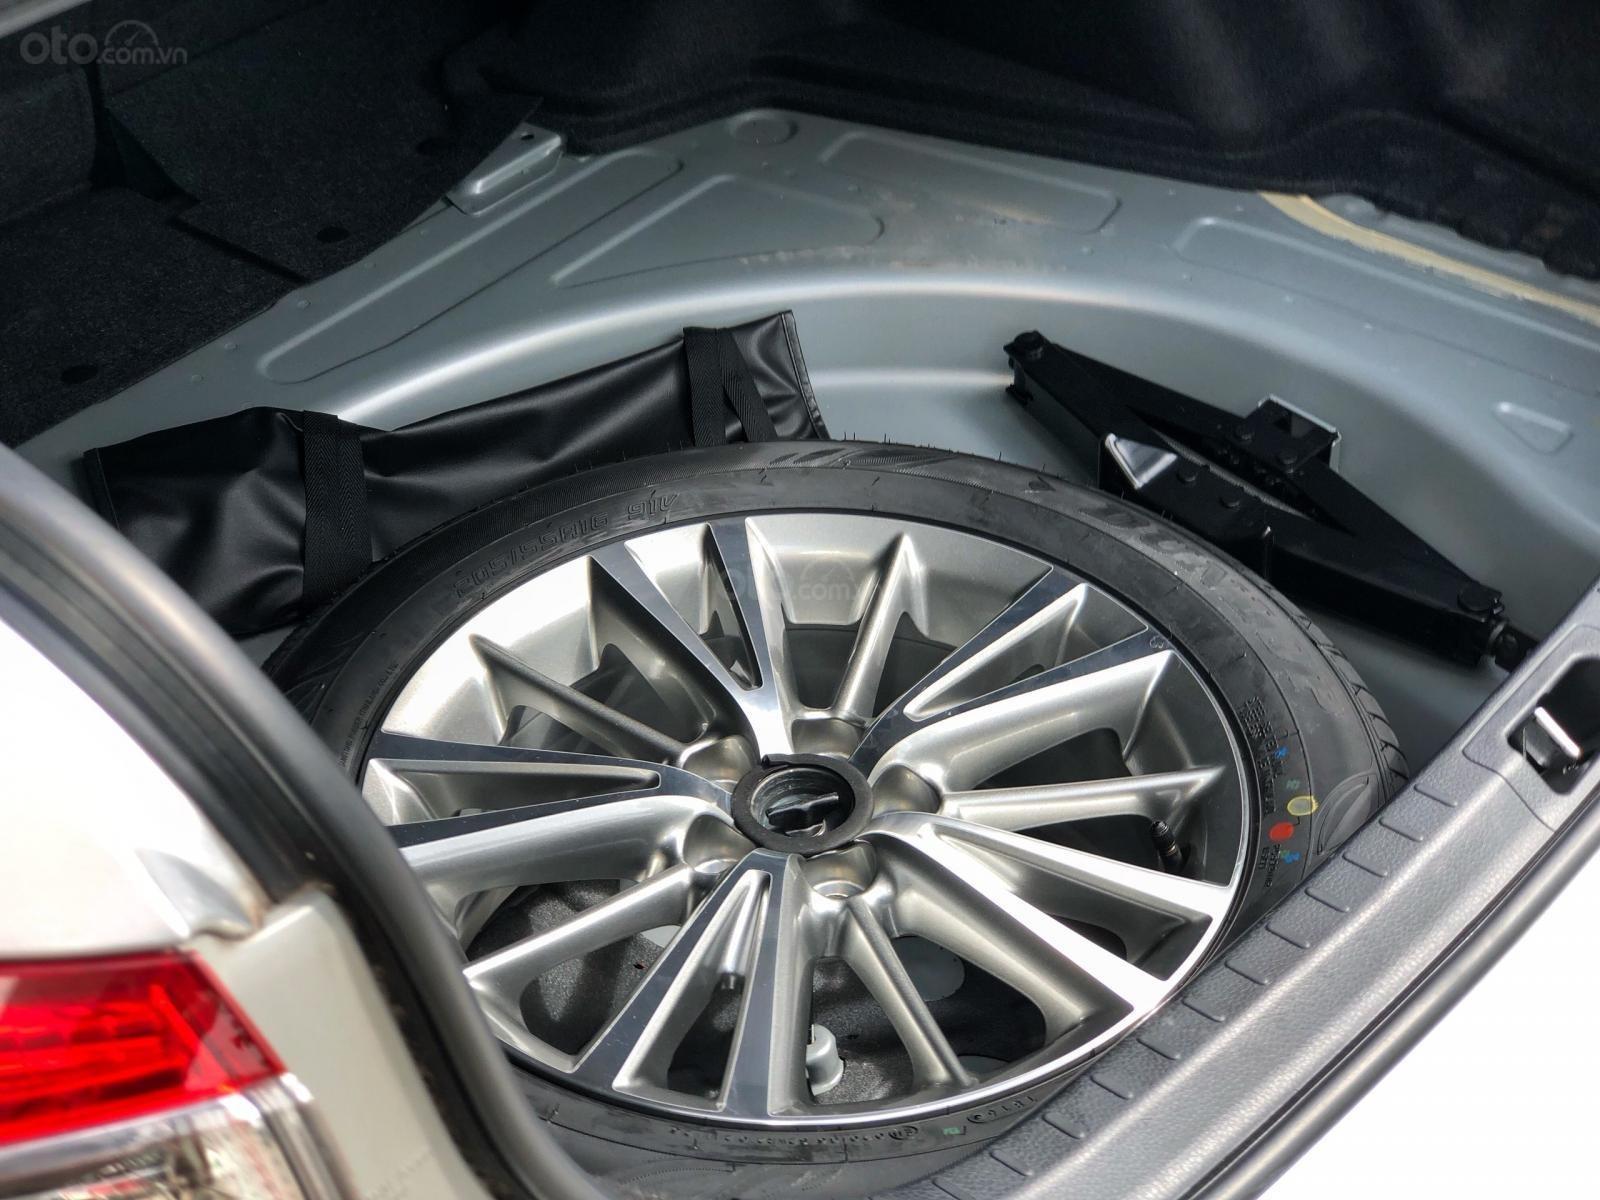 Bán Altis 1.8G chạy hết roda, xe mới cứng 99%. LH ngay: 0911-128-999 (10)